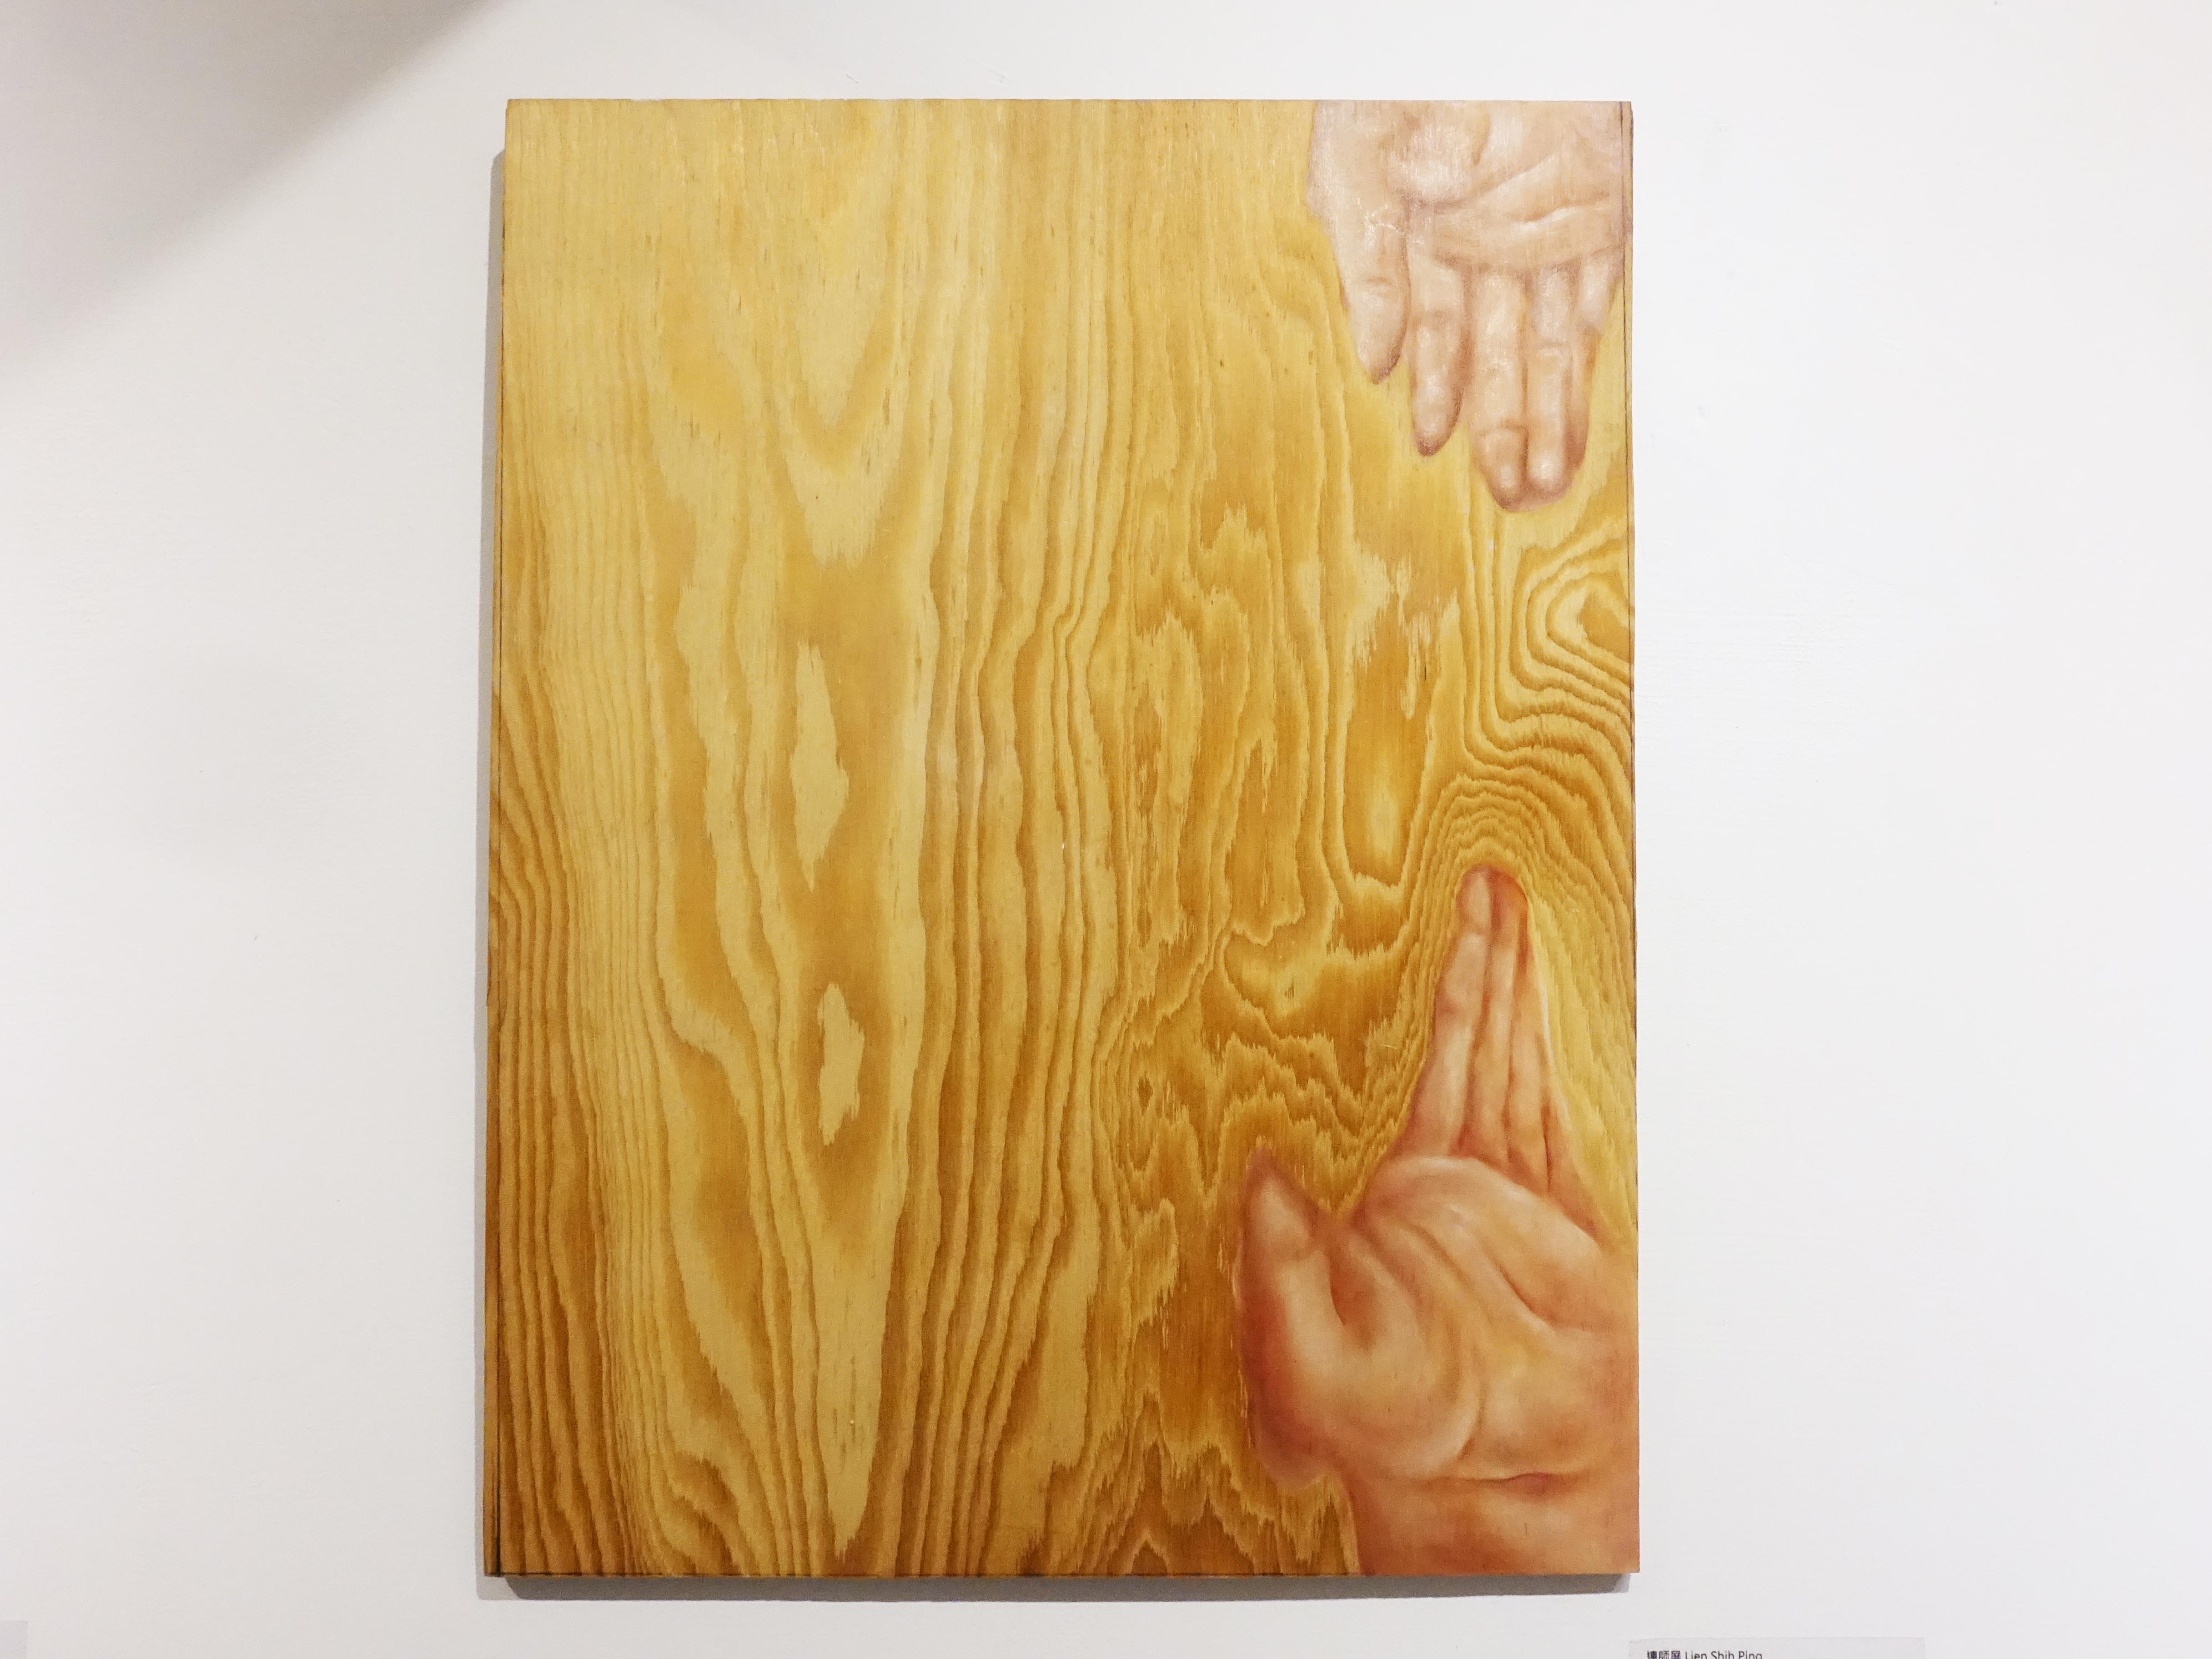 連師屏,《肉-掌》,木板、油彩,53 x 43 cm,2017。